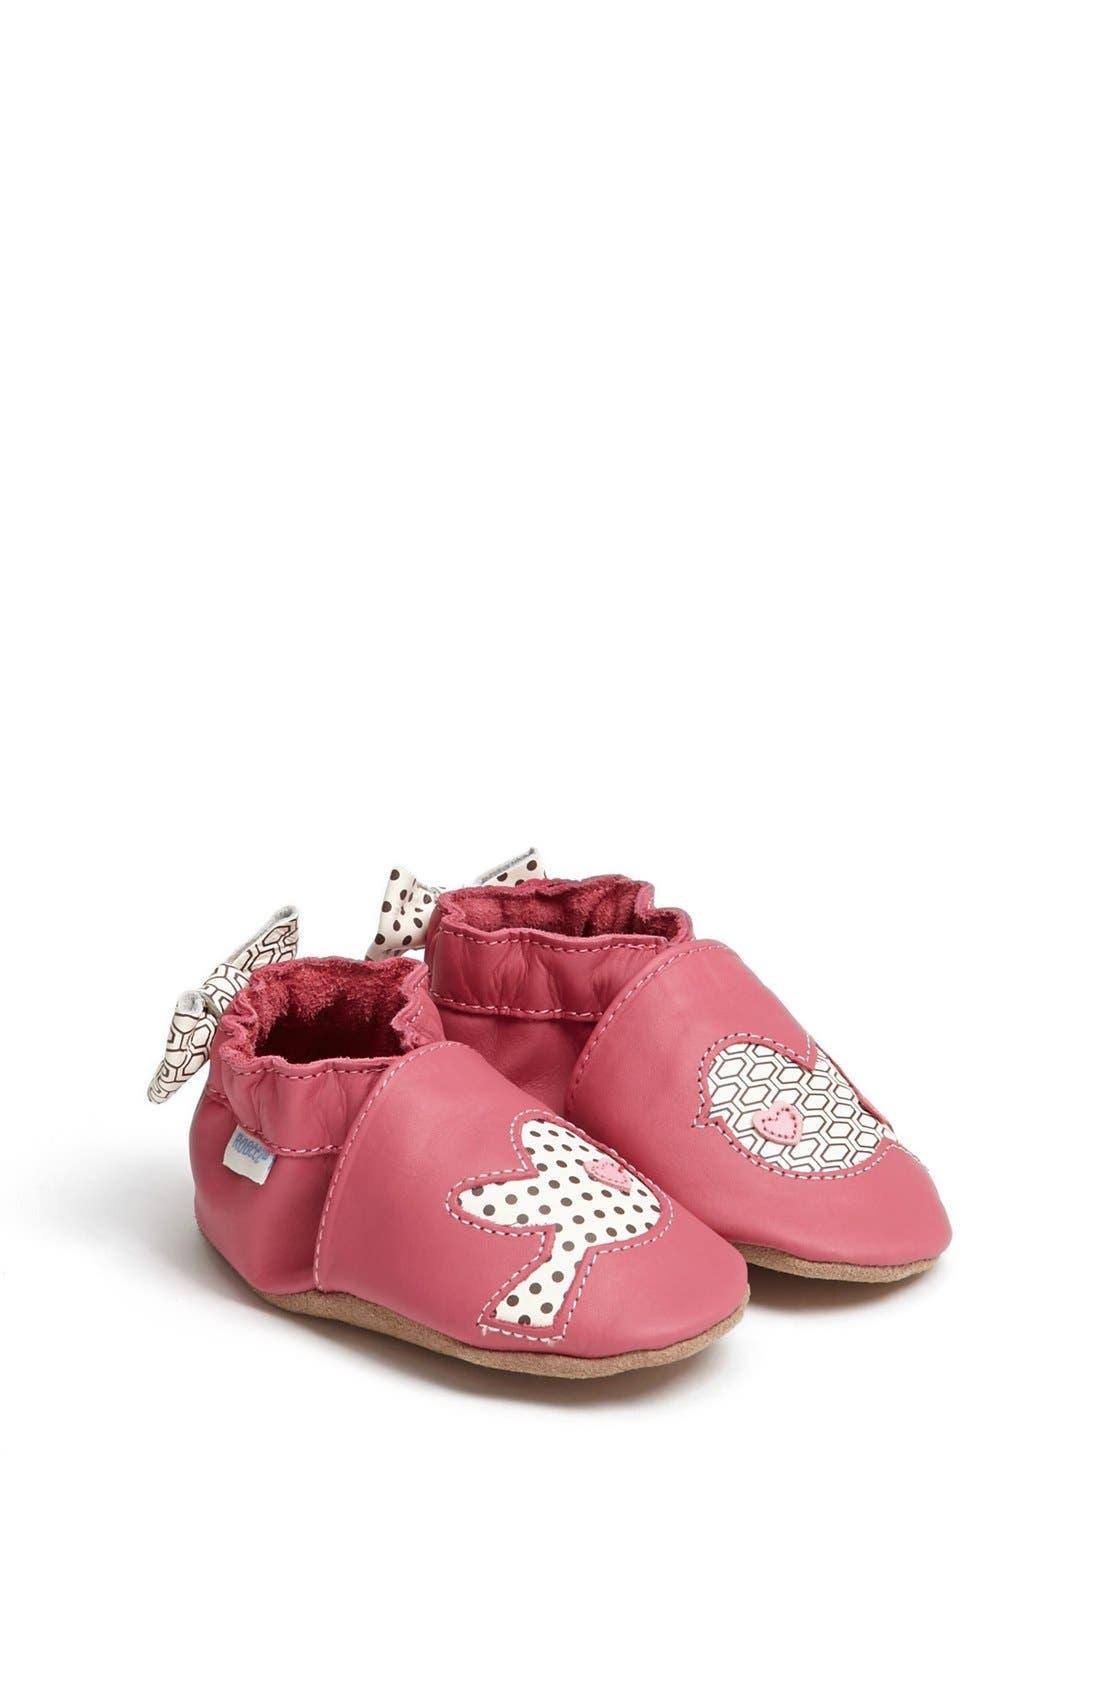 Alternate Image 1 Selected - Robeez® 'Tweetin' Birds' Crib Shoe (Baby & Walker)